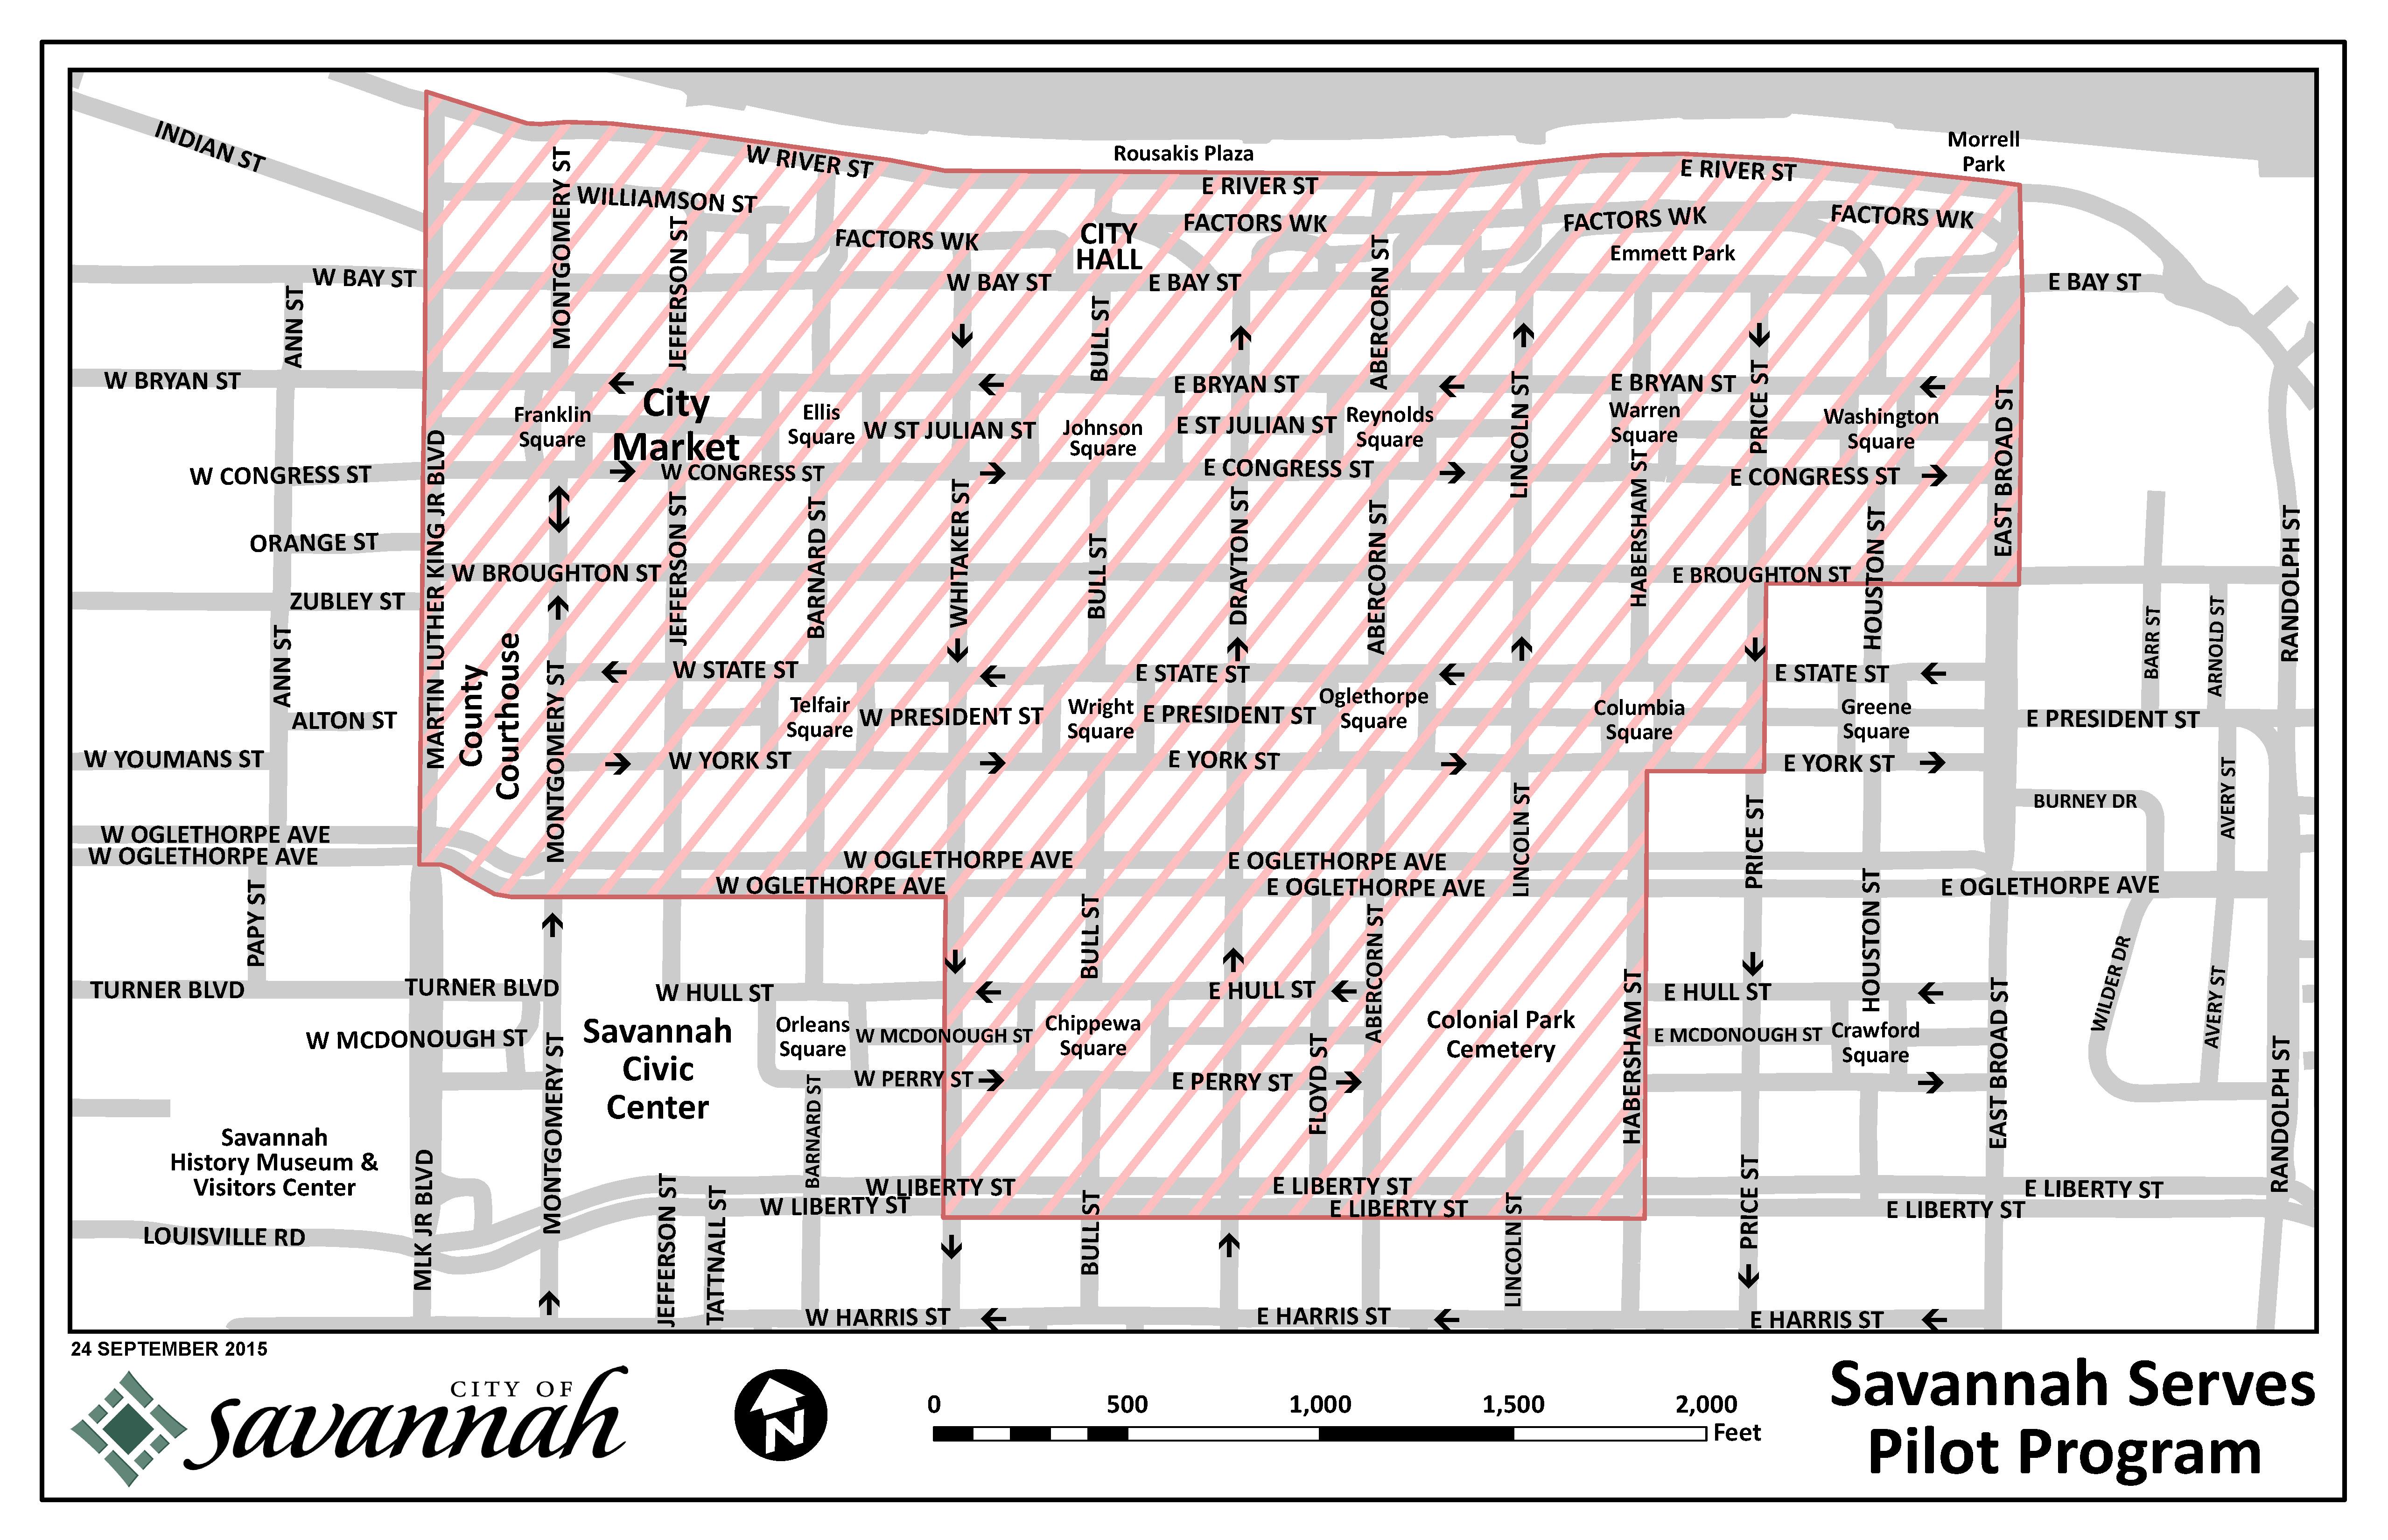 SavannahServesPilotProgram2015.jpg